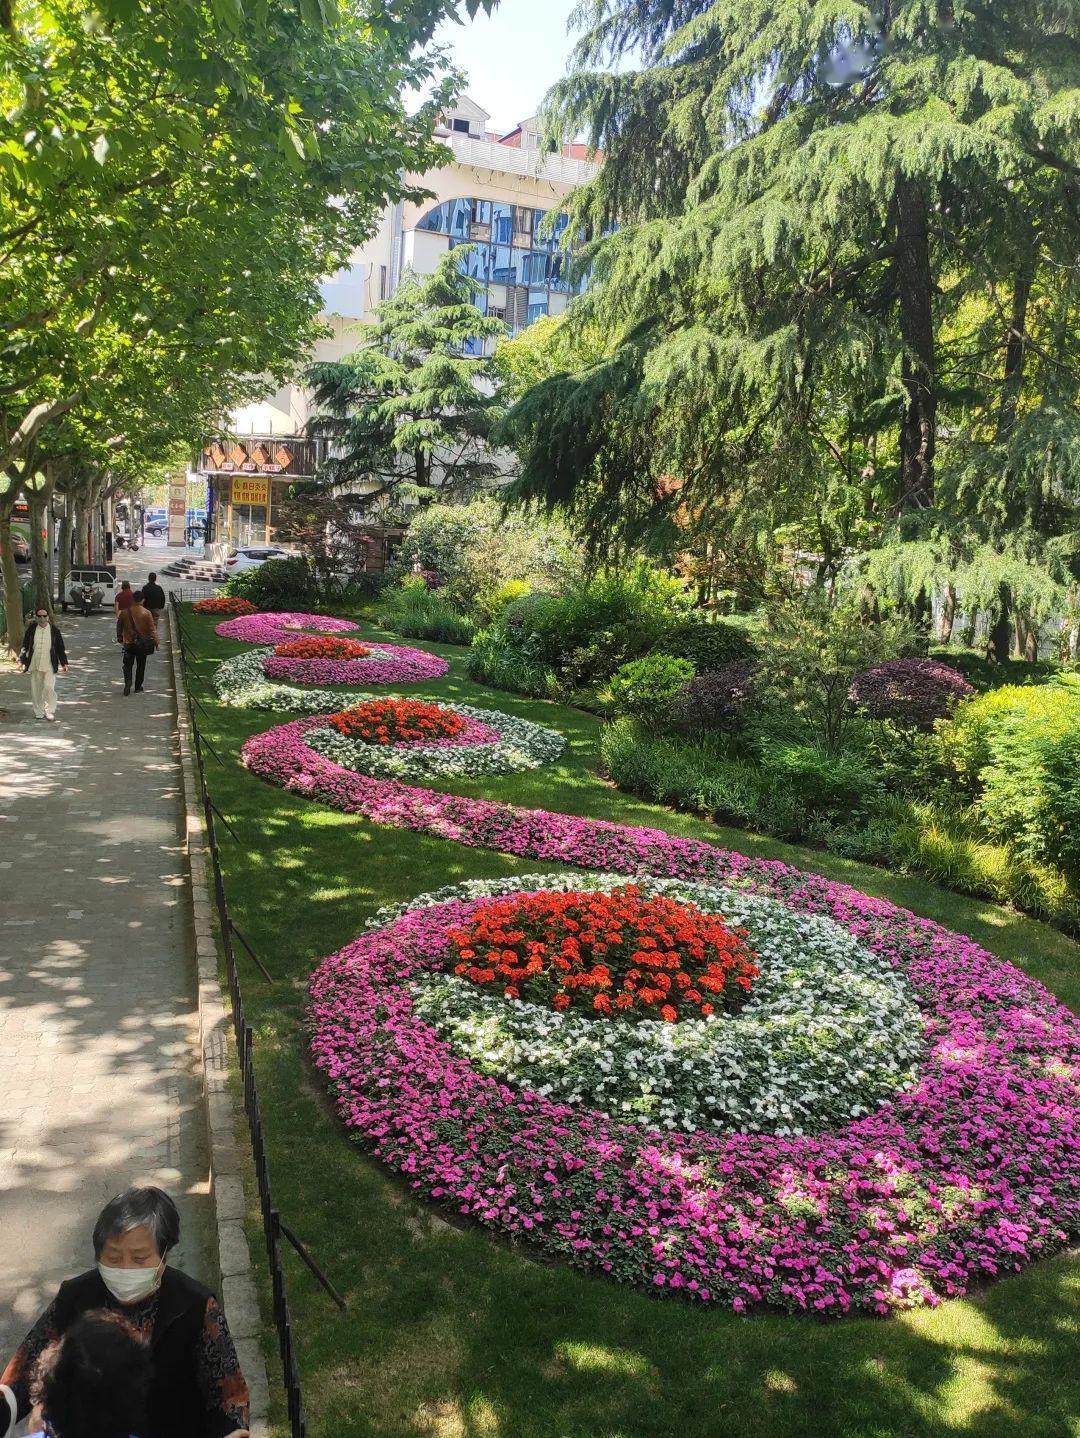 橙色天竺葵,何氏凤仙 设计理念:该花坛位于枣阳路近金沙江路路边,以花图片